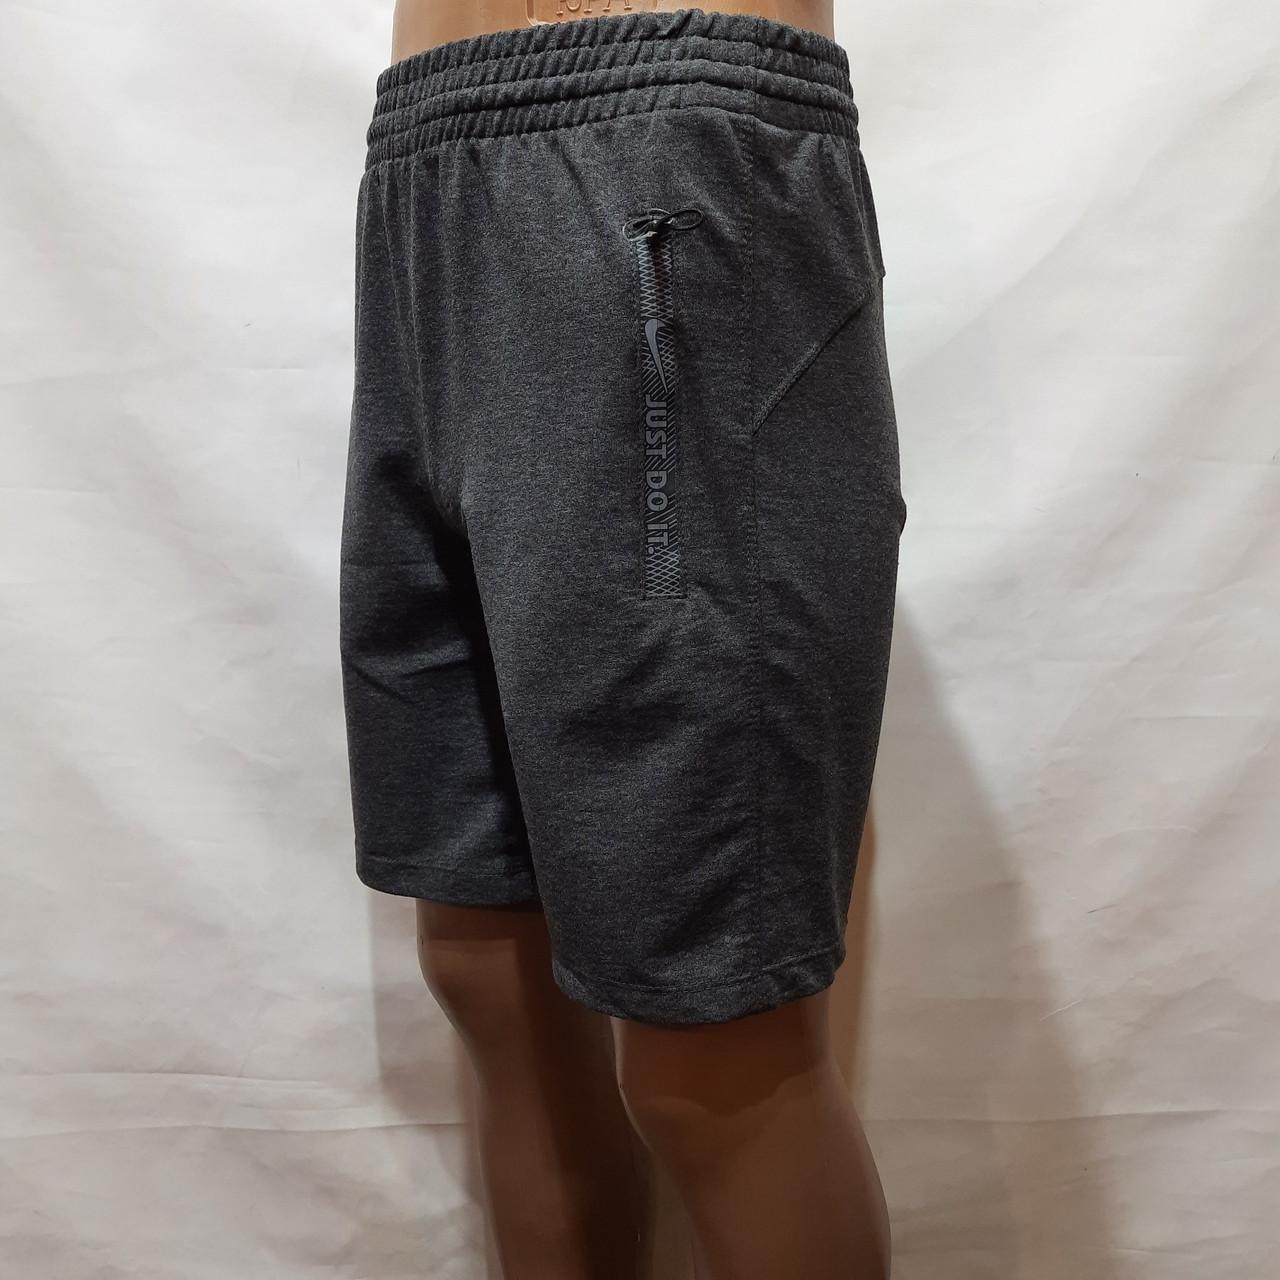 Шорти чоловічі до коліна трикотажні х/б в стилі Nike Туреччина темно-сірі